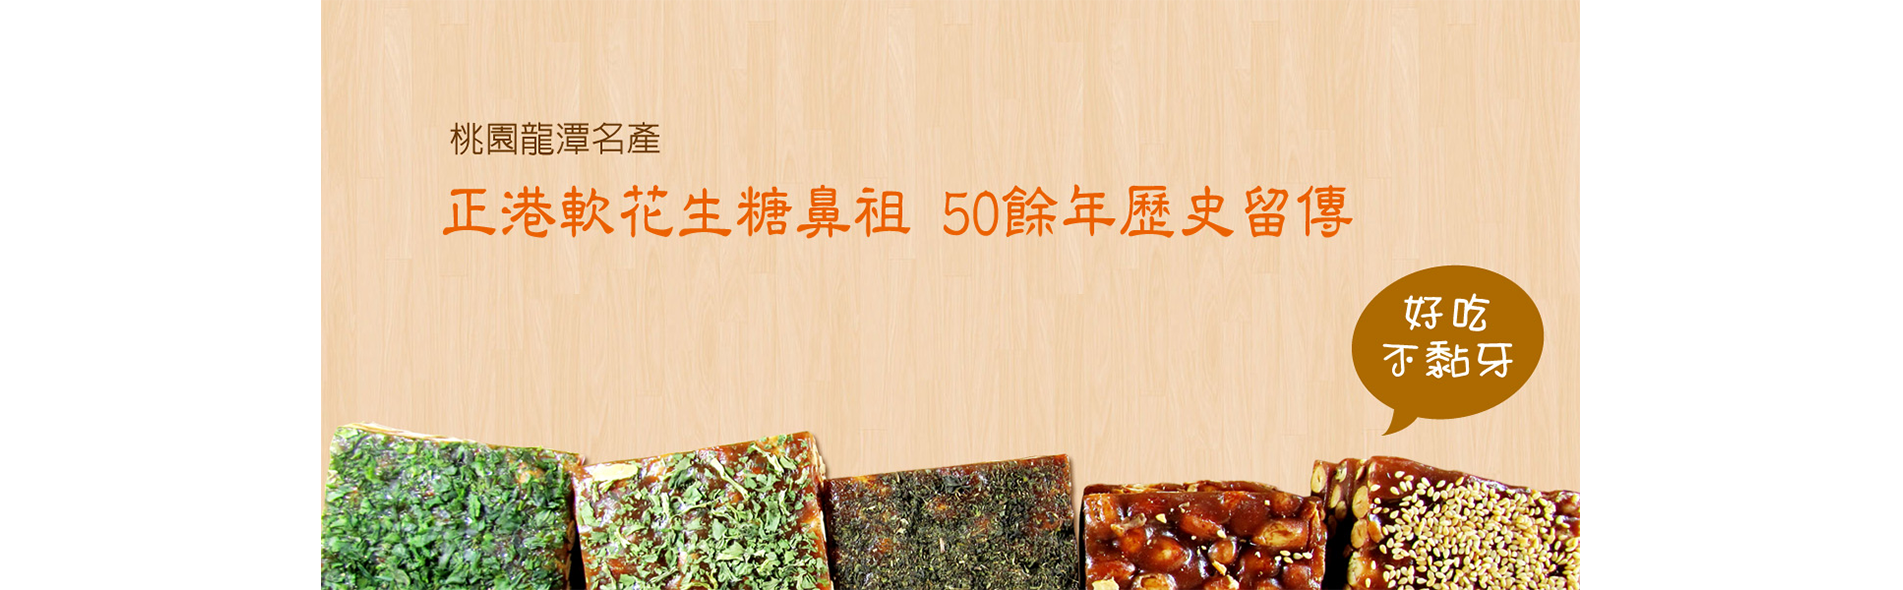 宏龍軟花生糖、台灣名產、金荷包、玉荷包